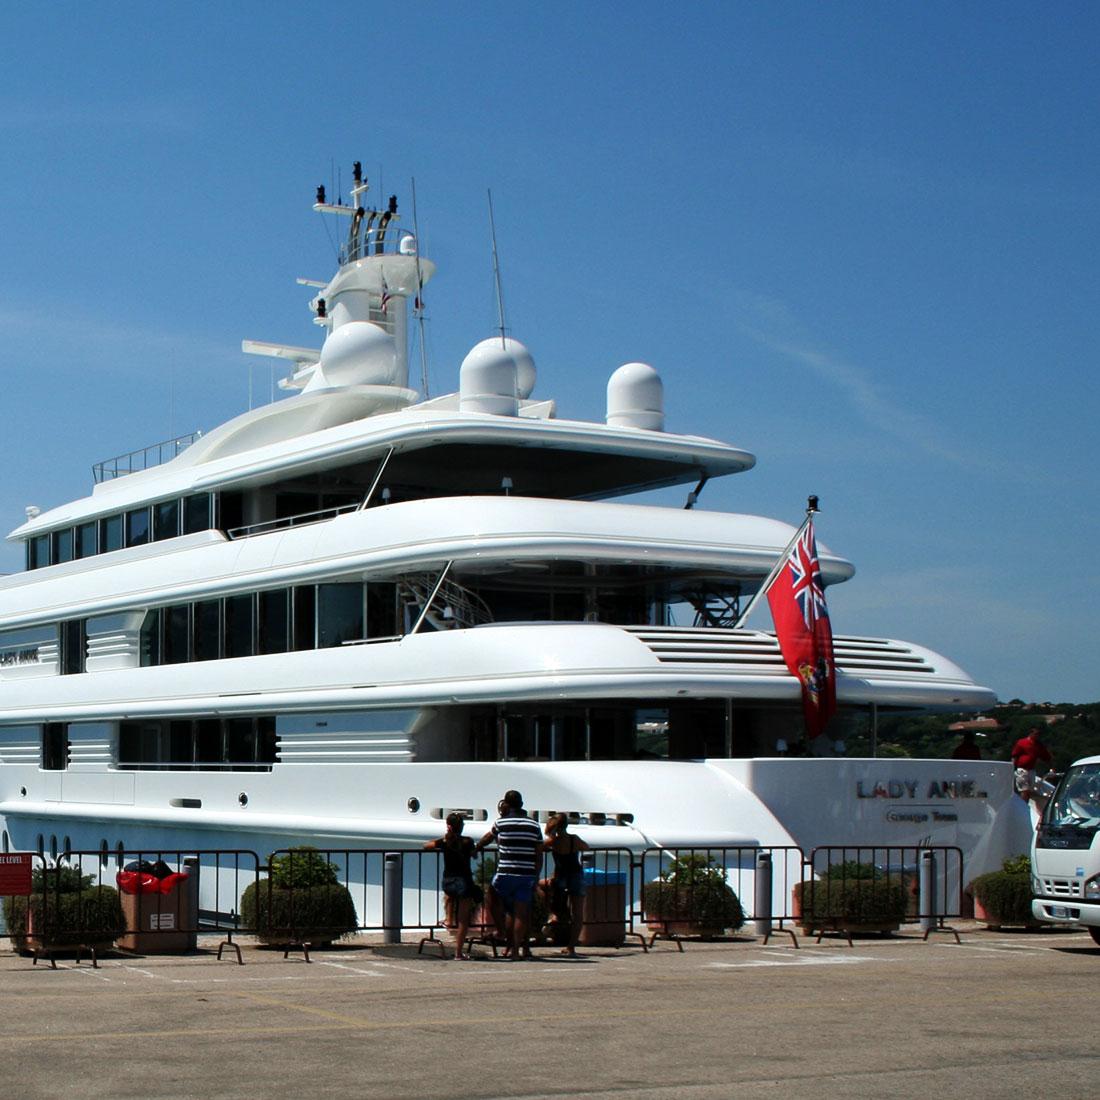 porto-cervo-yacht-quadra